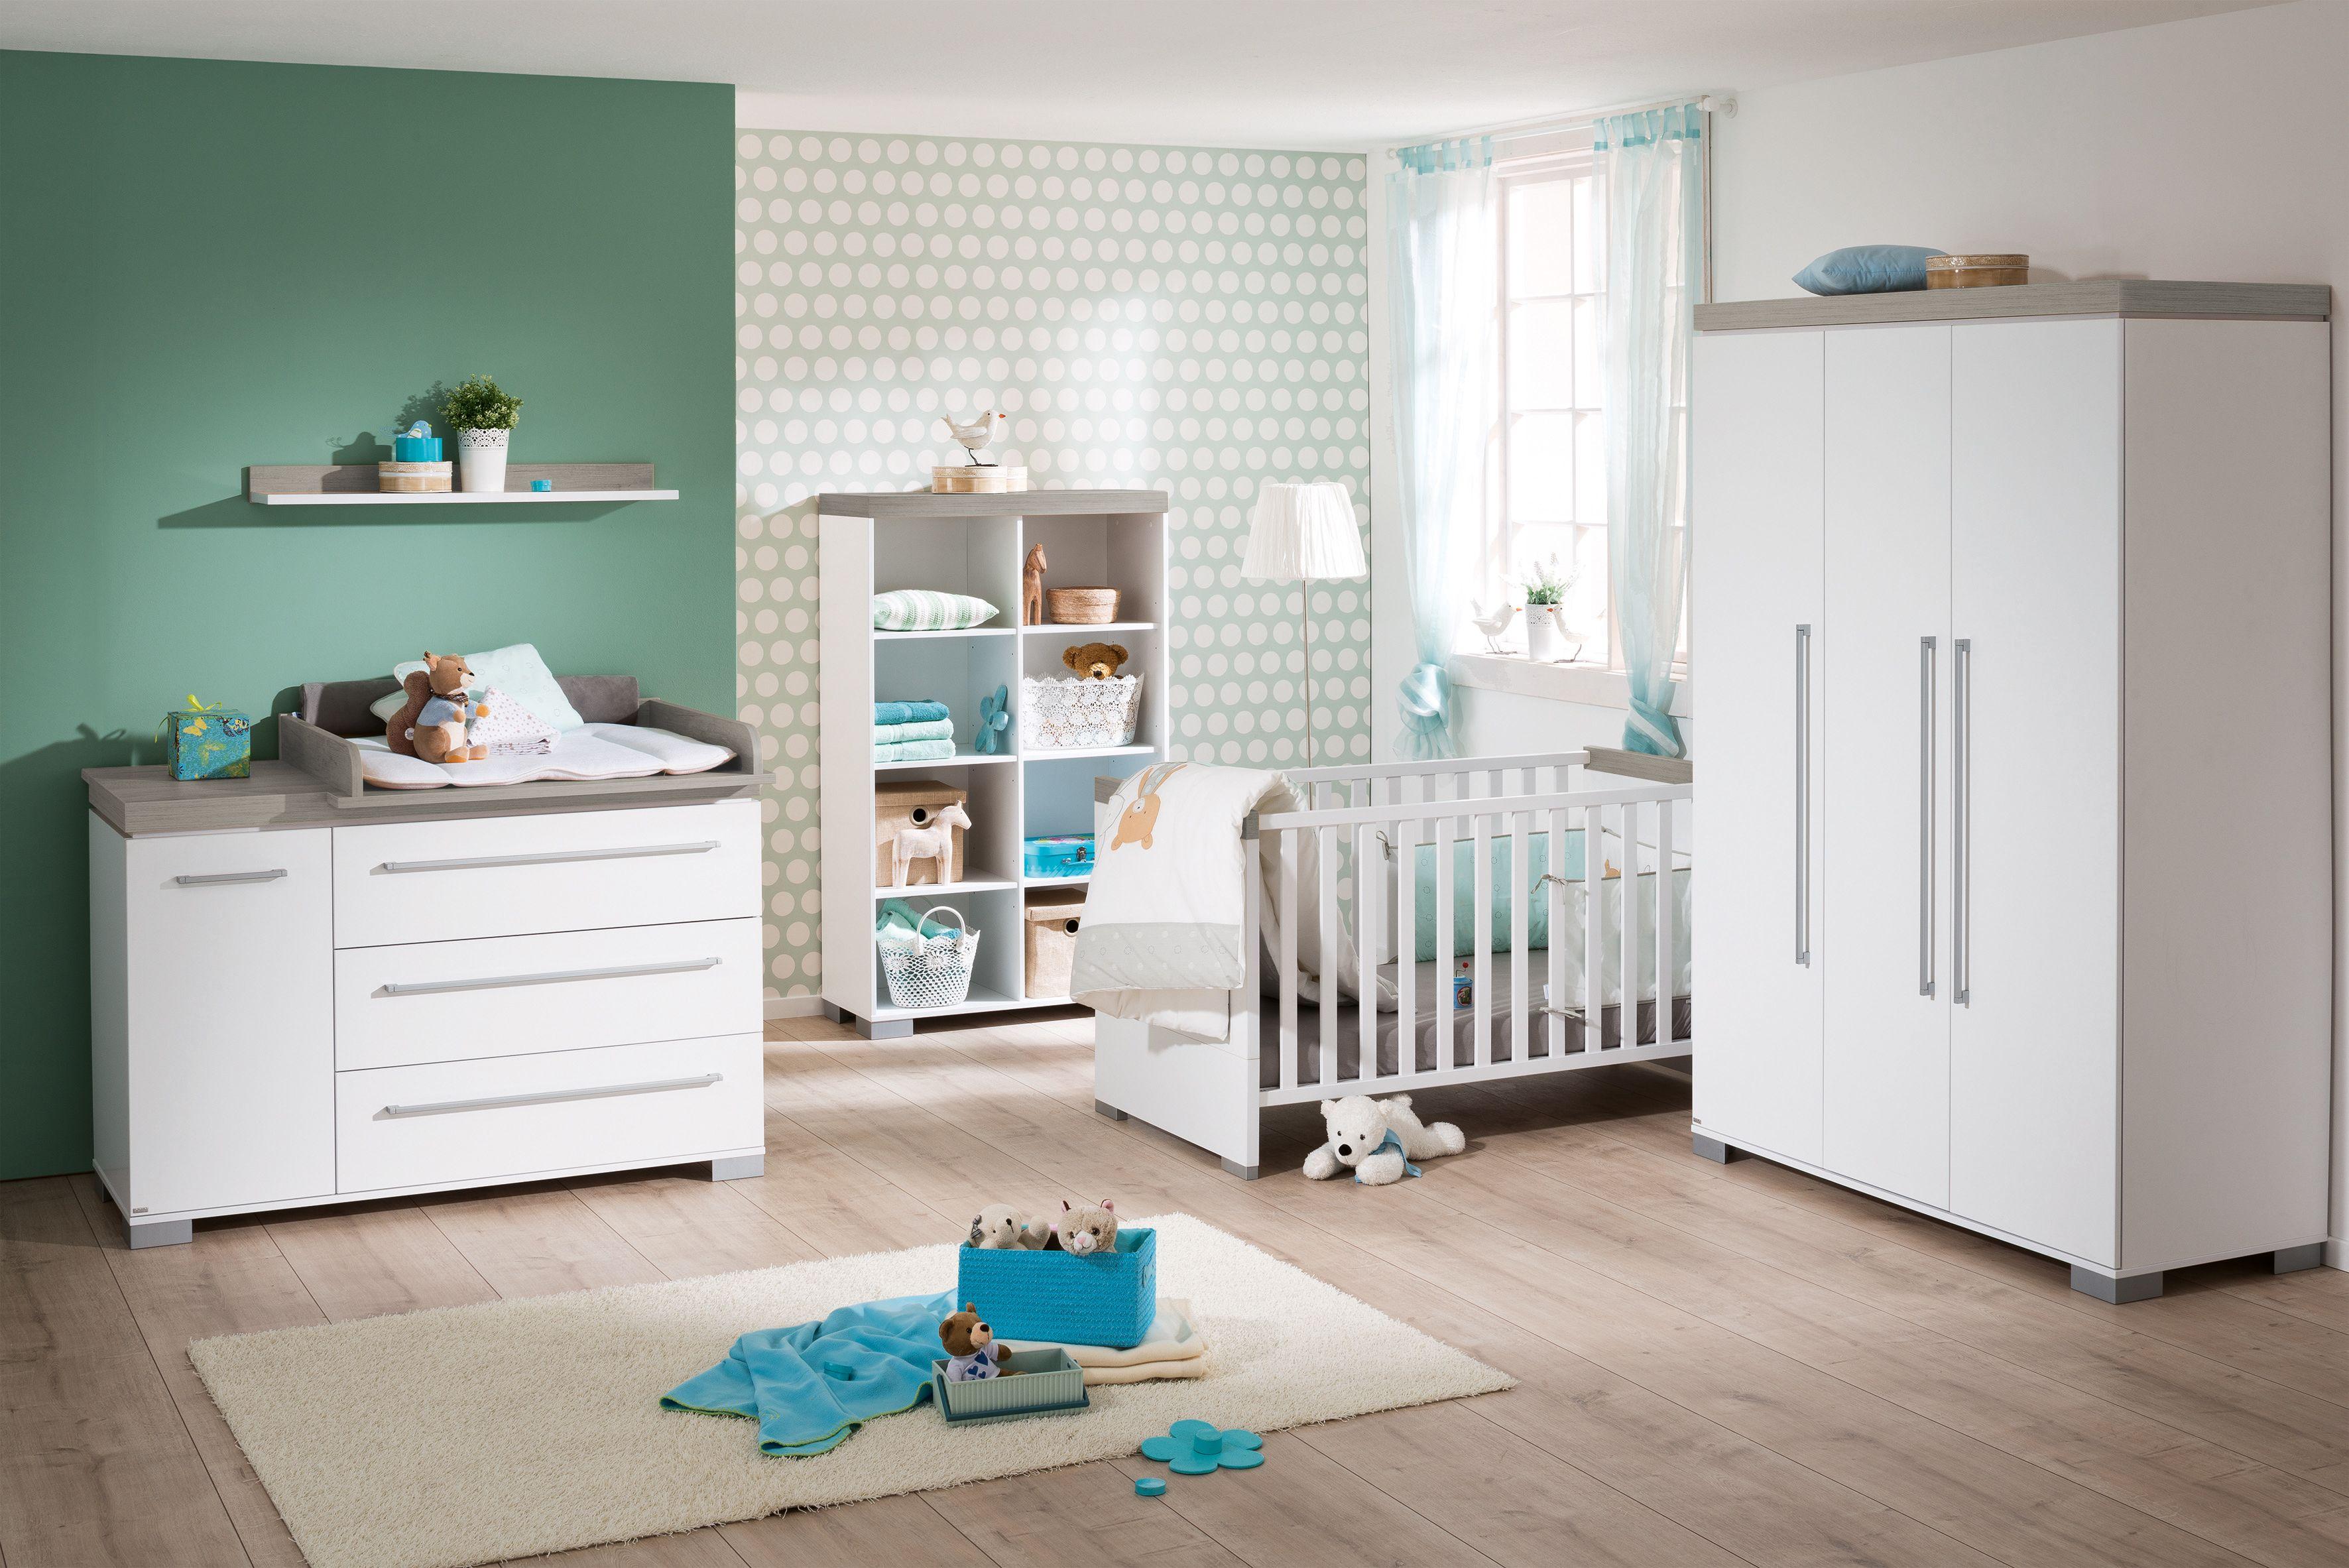 Babyrooms in 2020 Babyzimmer, Babyzimmer möbel und